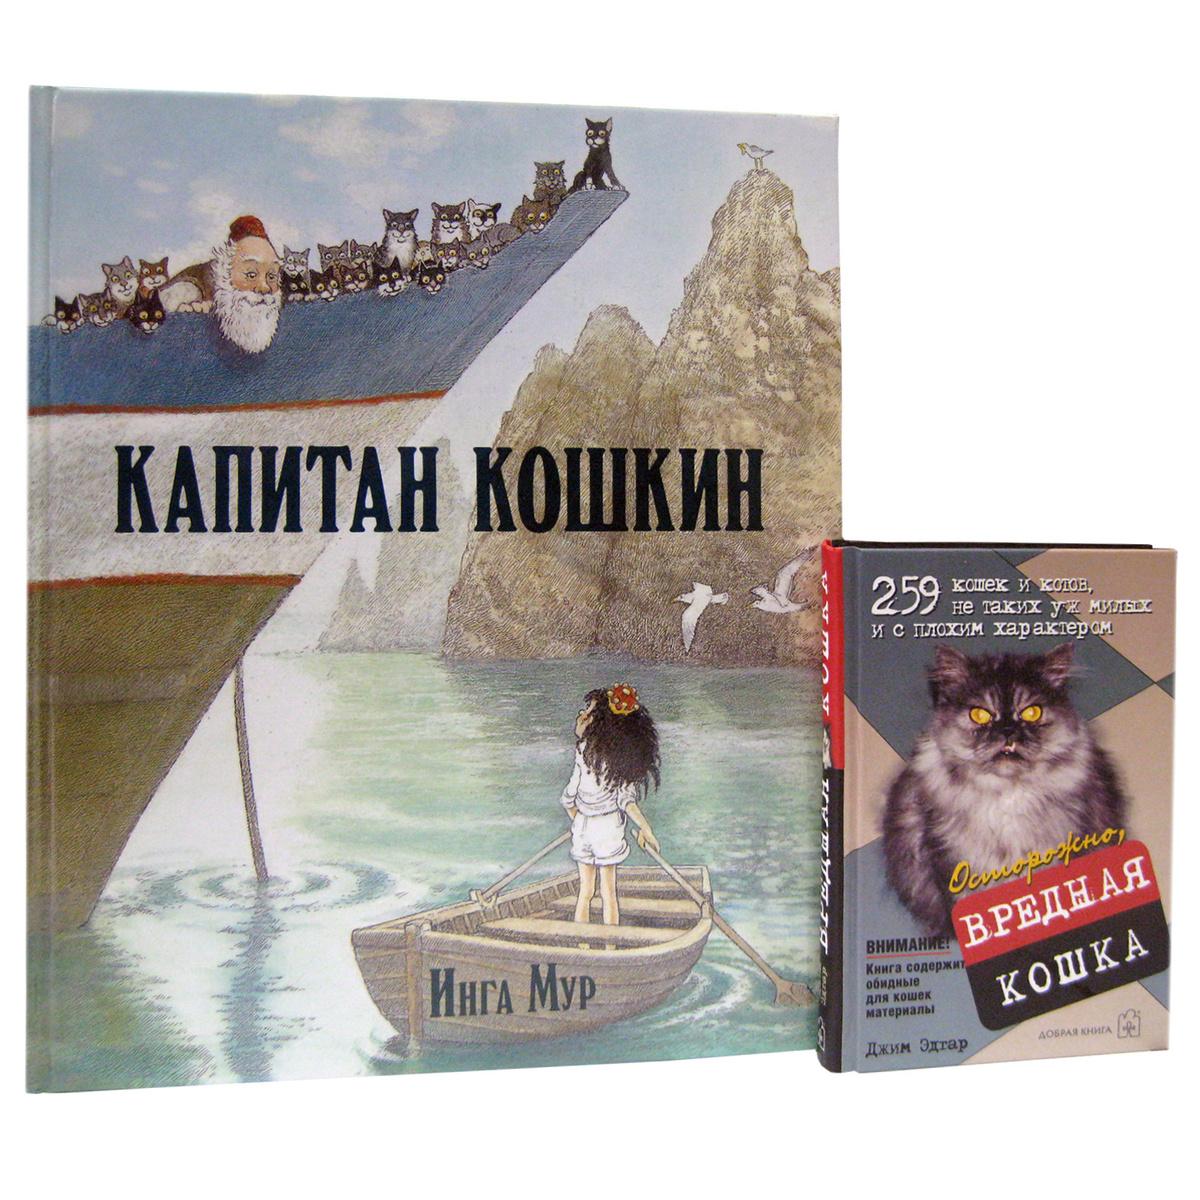 Капитан Кошкин. Осторожно, вредная кошка (комплект из 2 книг)  #1